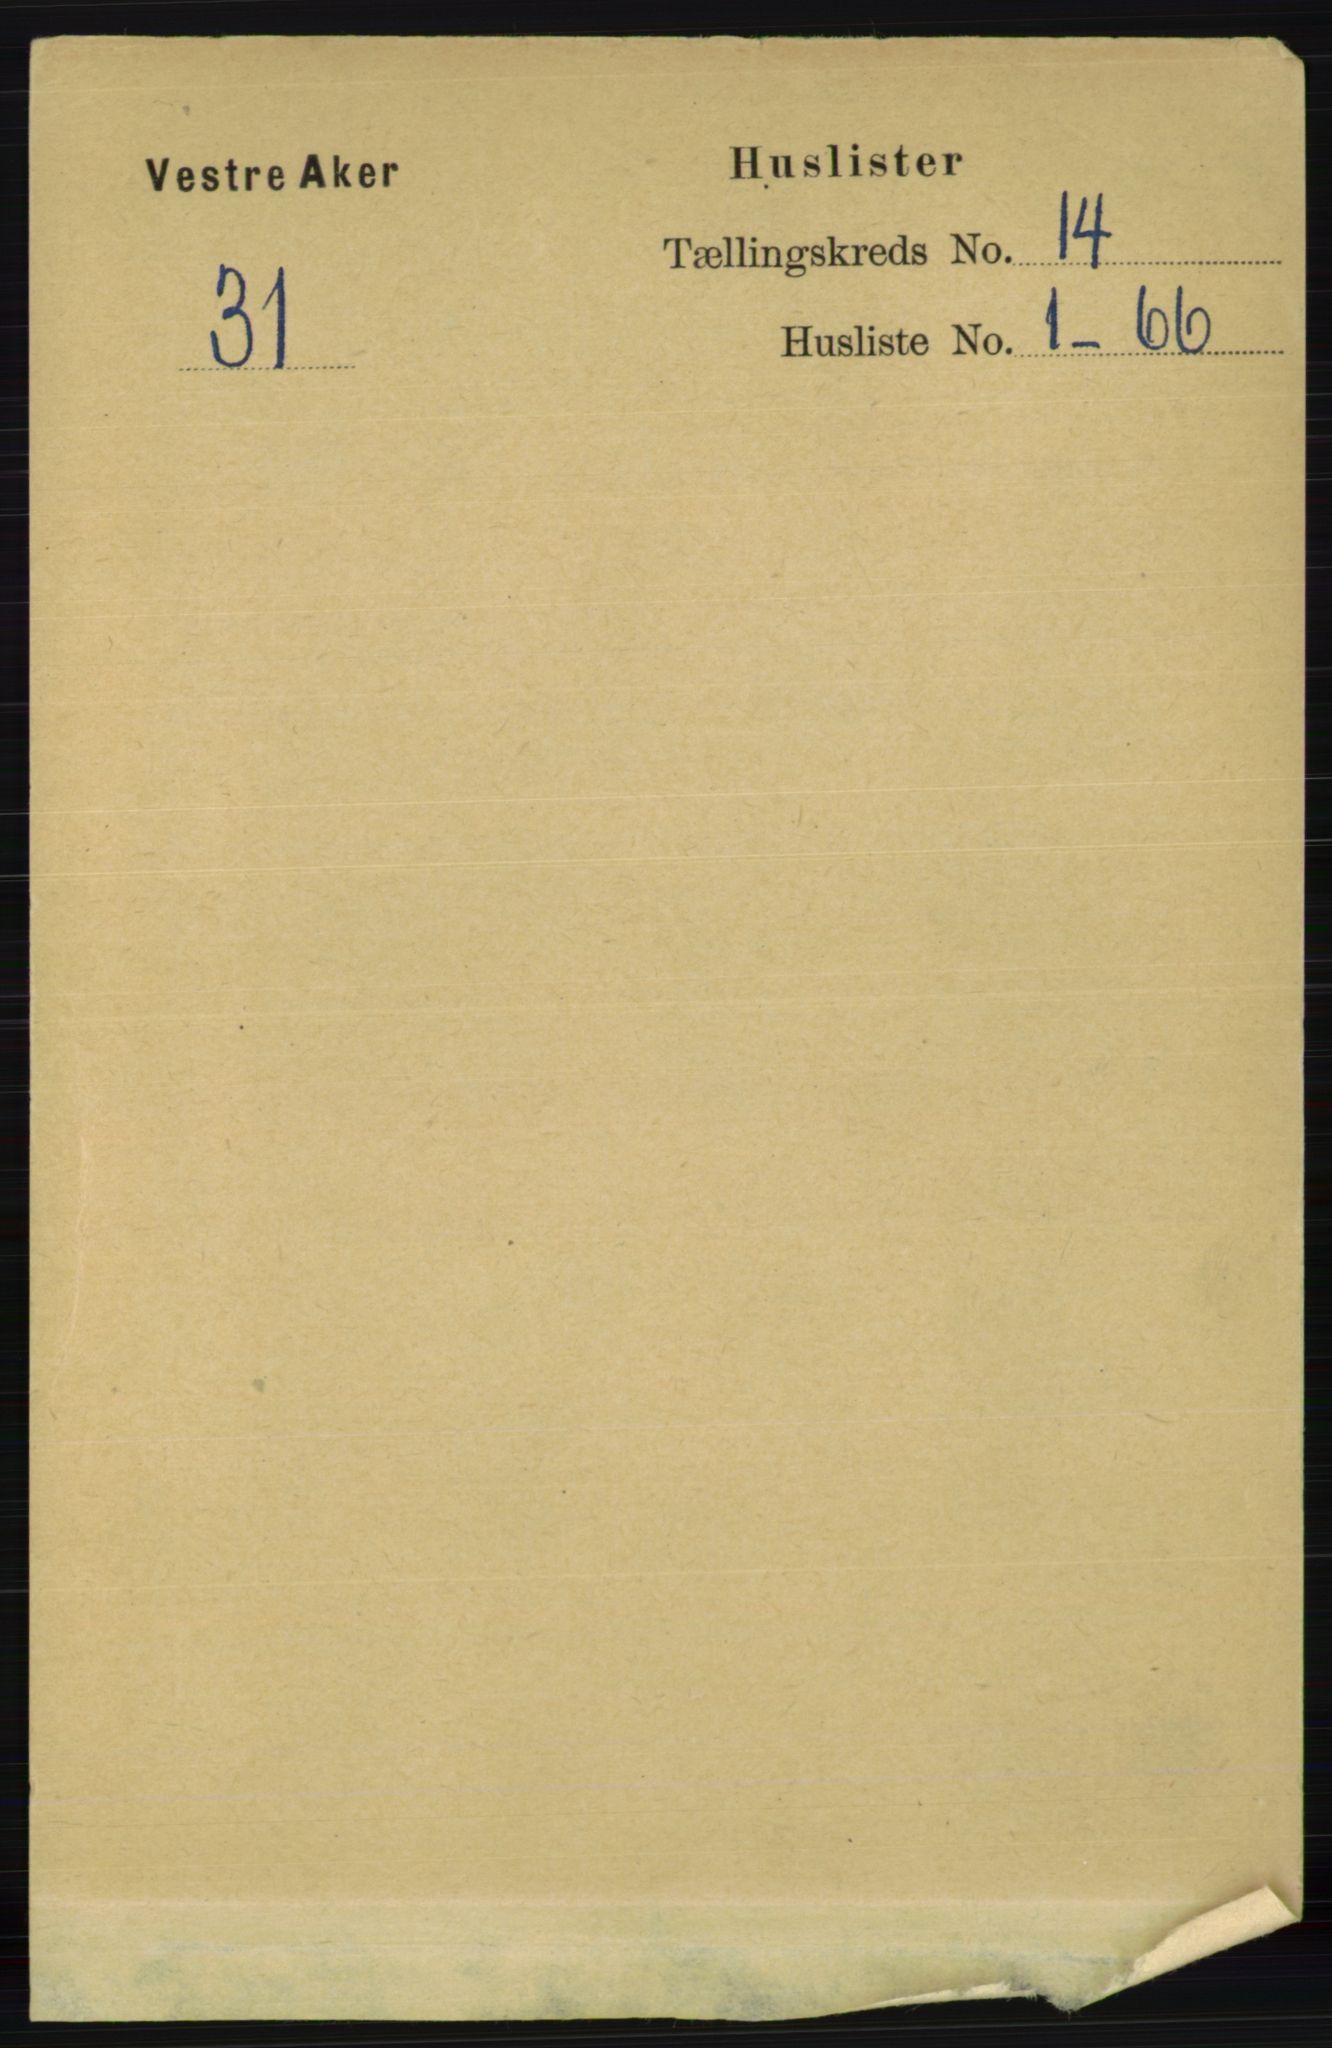 RA, Folketelling 1891 for 0218 Aker herred, 1891, s. 12662